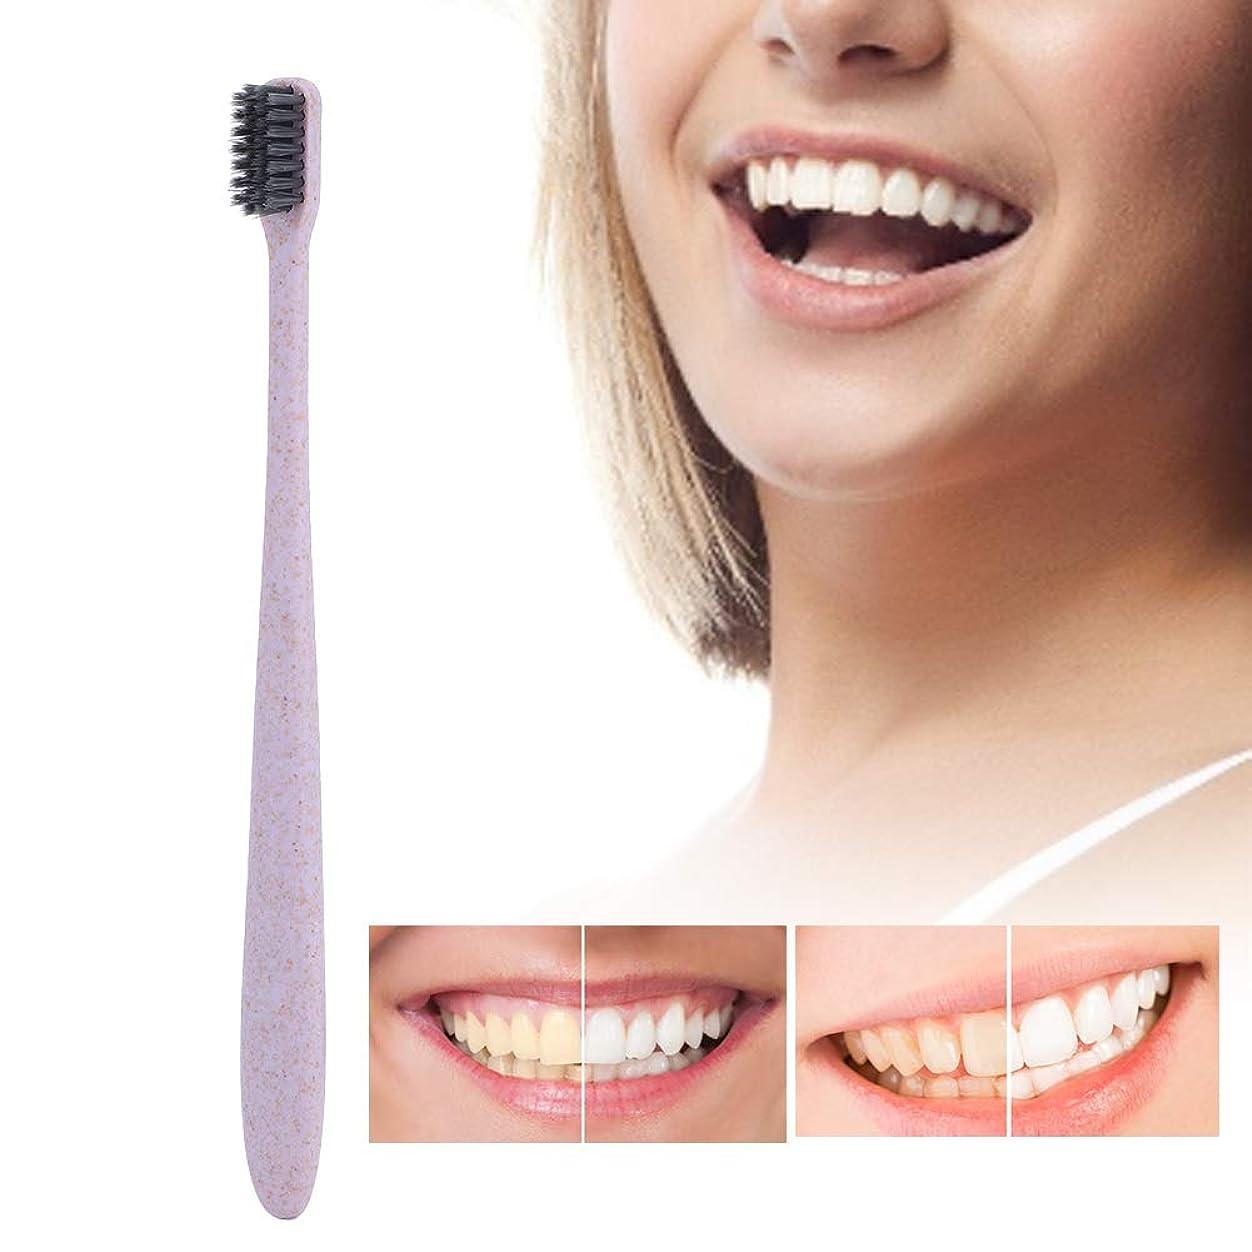 目の前の誇大妄想逃れる10ピース歯ブラシ、柔らかい竹炭ブラシ髪小麦ハンドル歯ブラシ大人の口腔ケア歯ブラシ